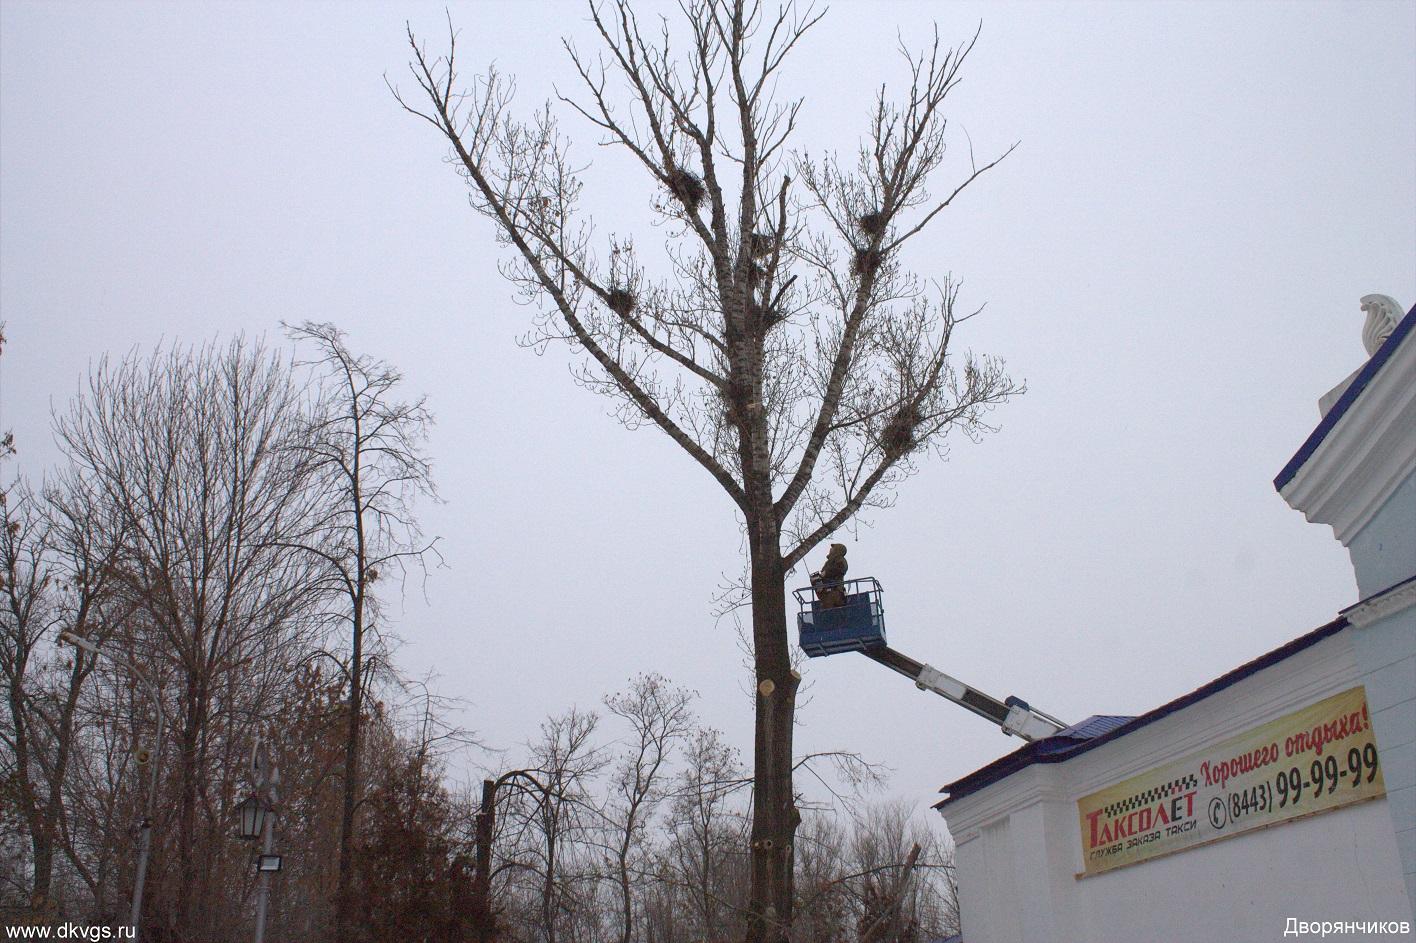 Парк ВГС - обрезка деревьев